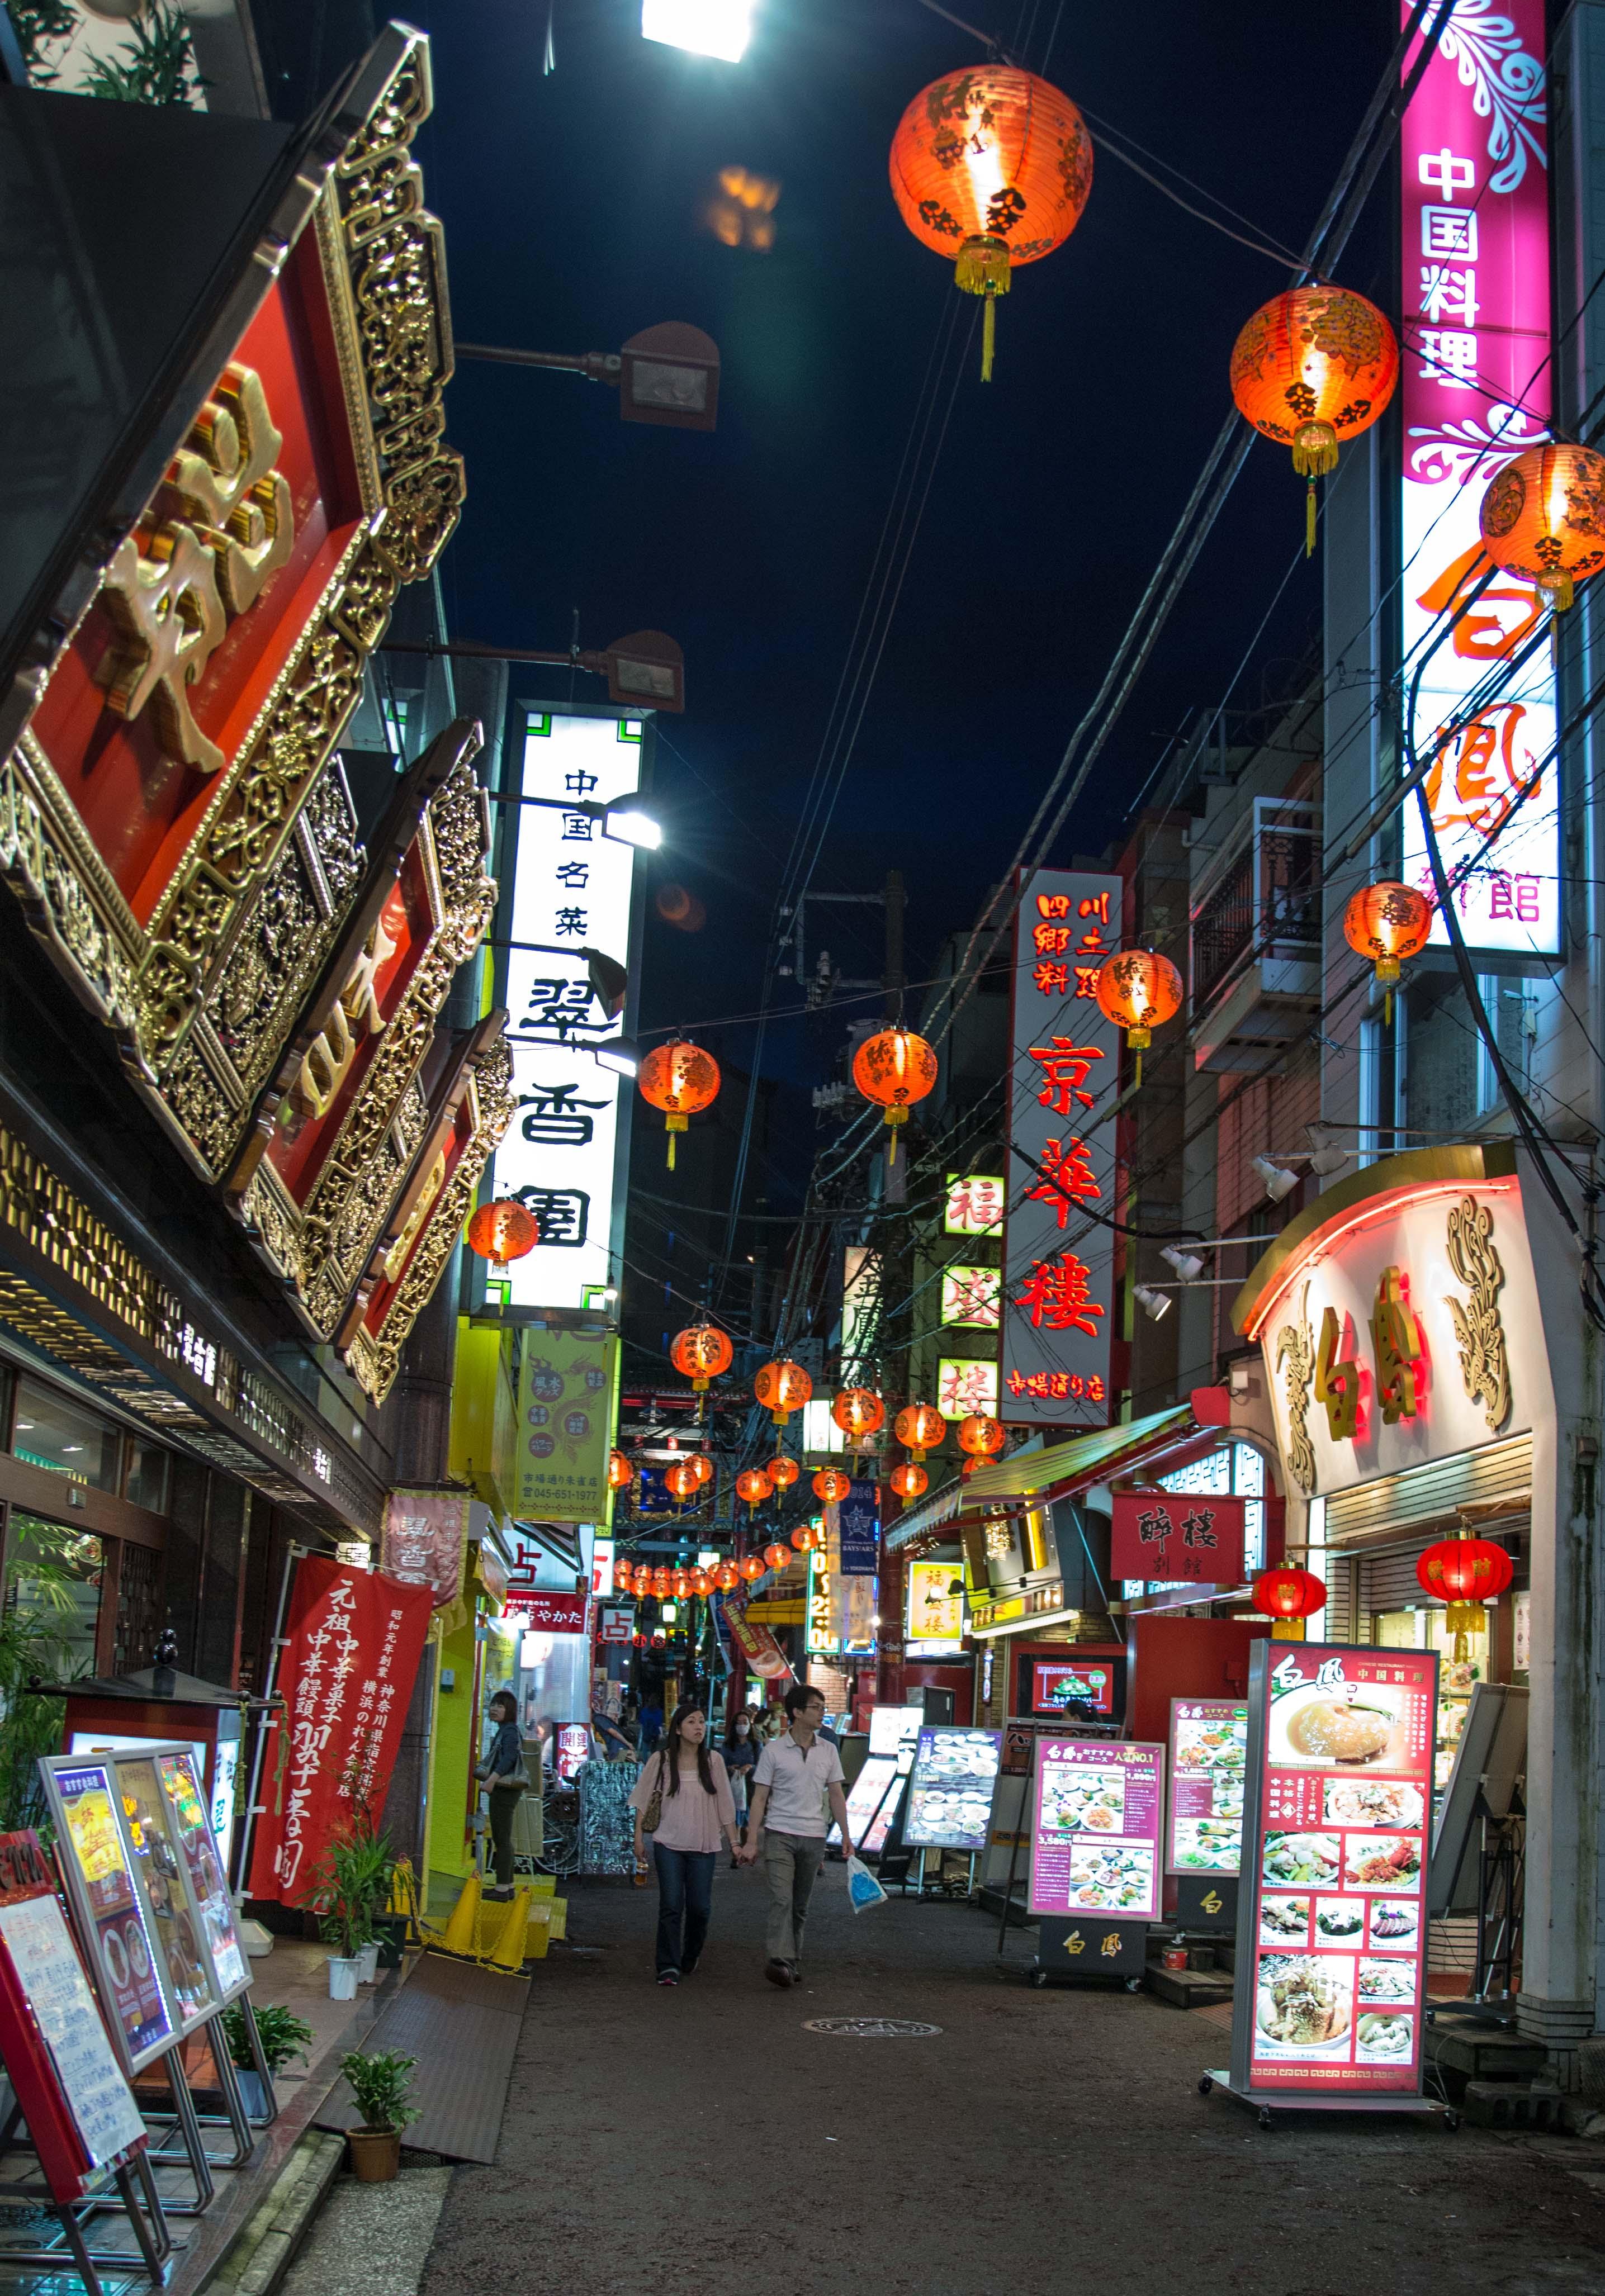 Yokahama Chinatown